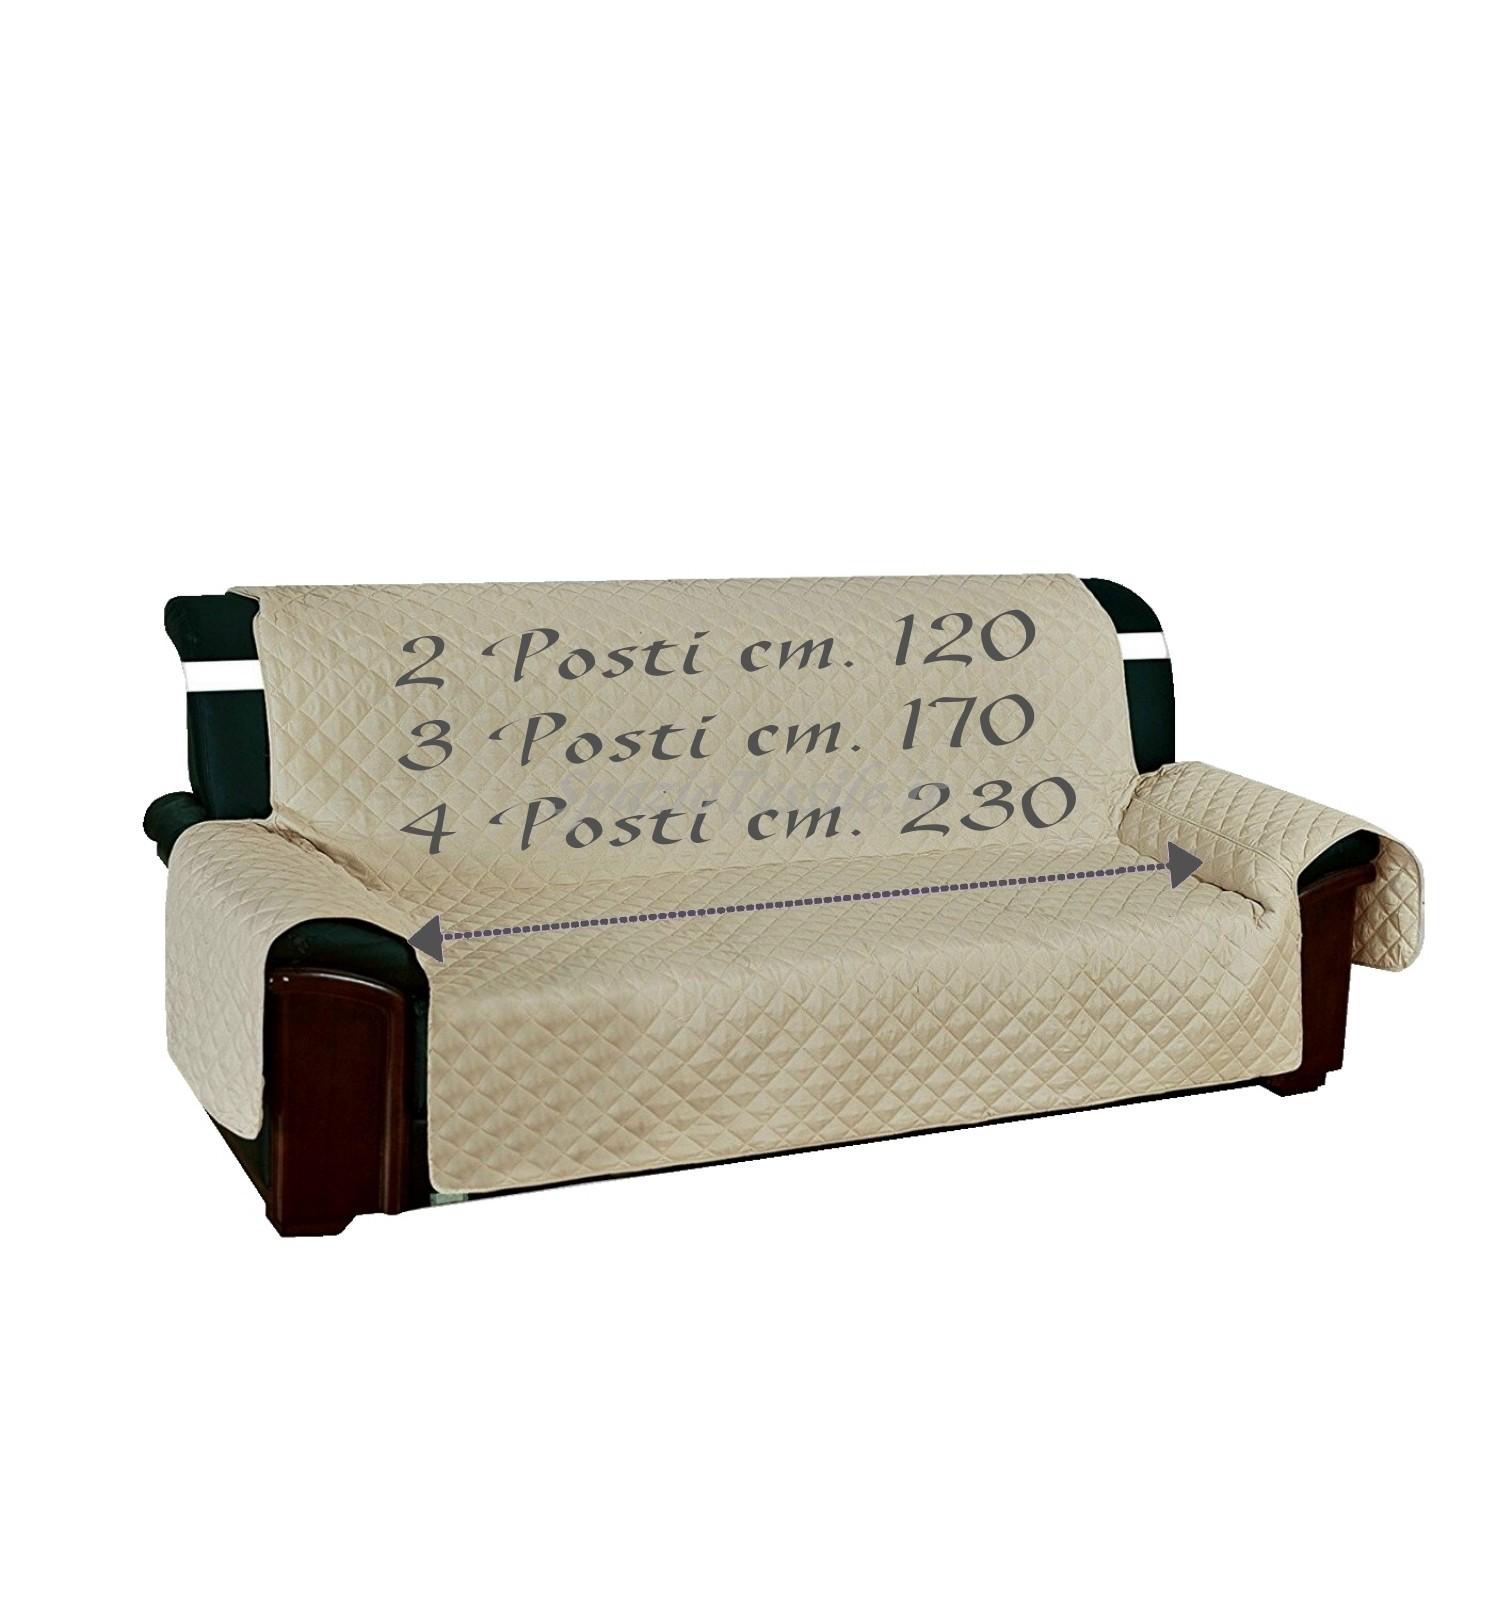 Divano 4 posti misure cool ampiamente misure divano for Divano 4 posti misure